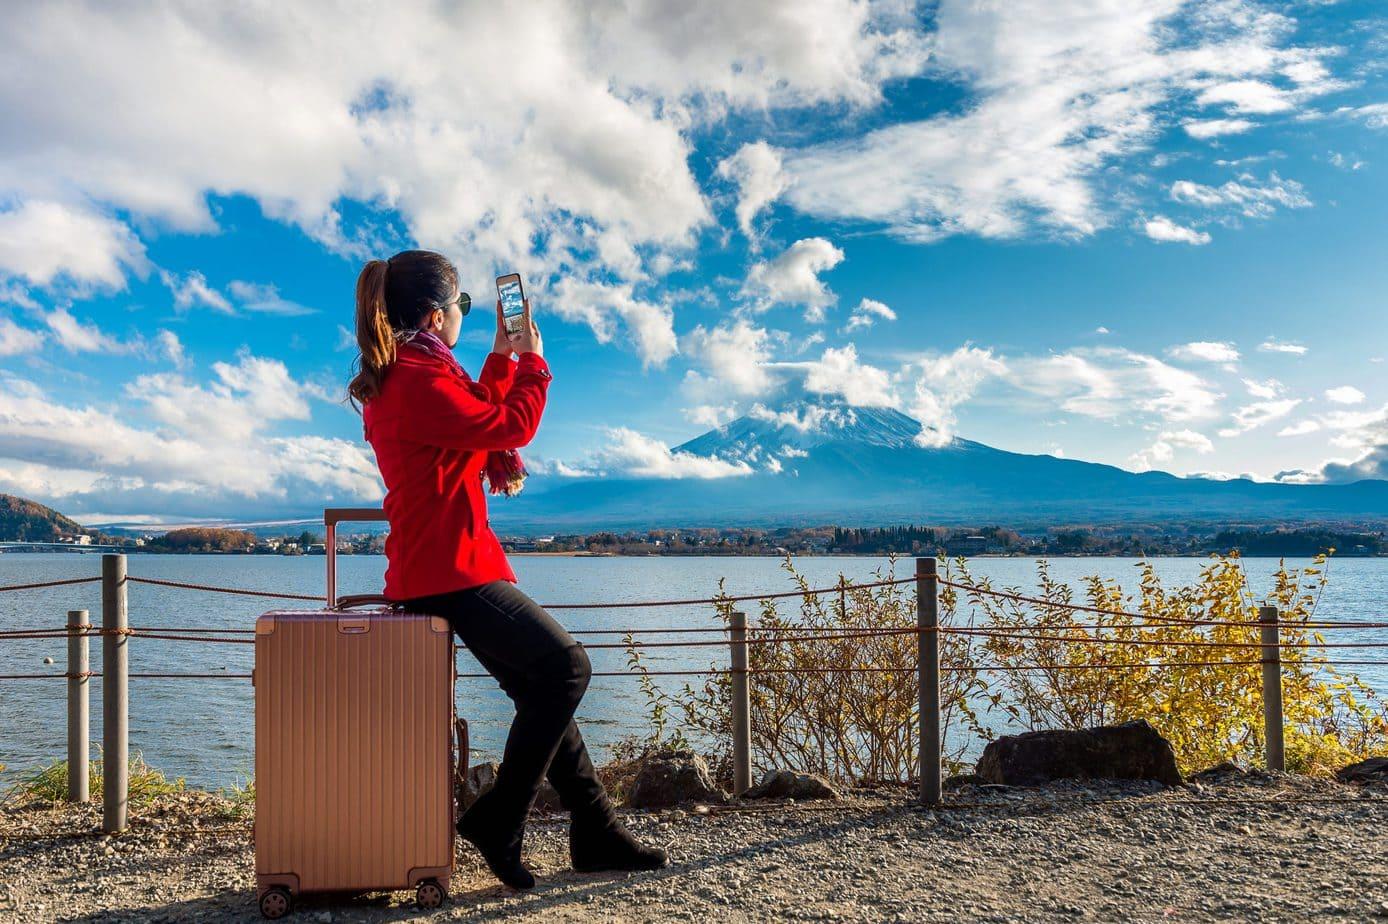 Damskie podróże w pojedynkę nowym trendem w turystyce